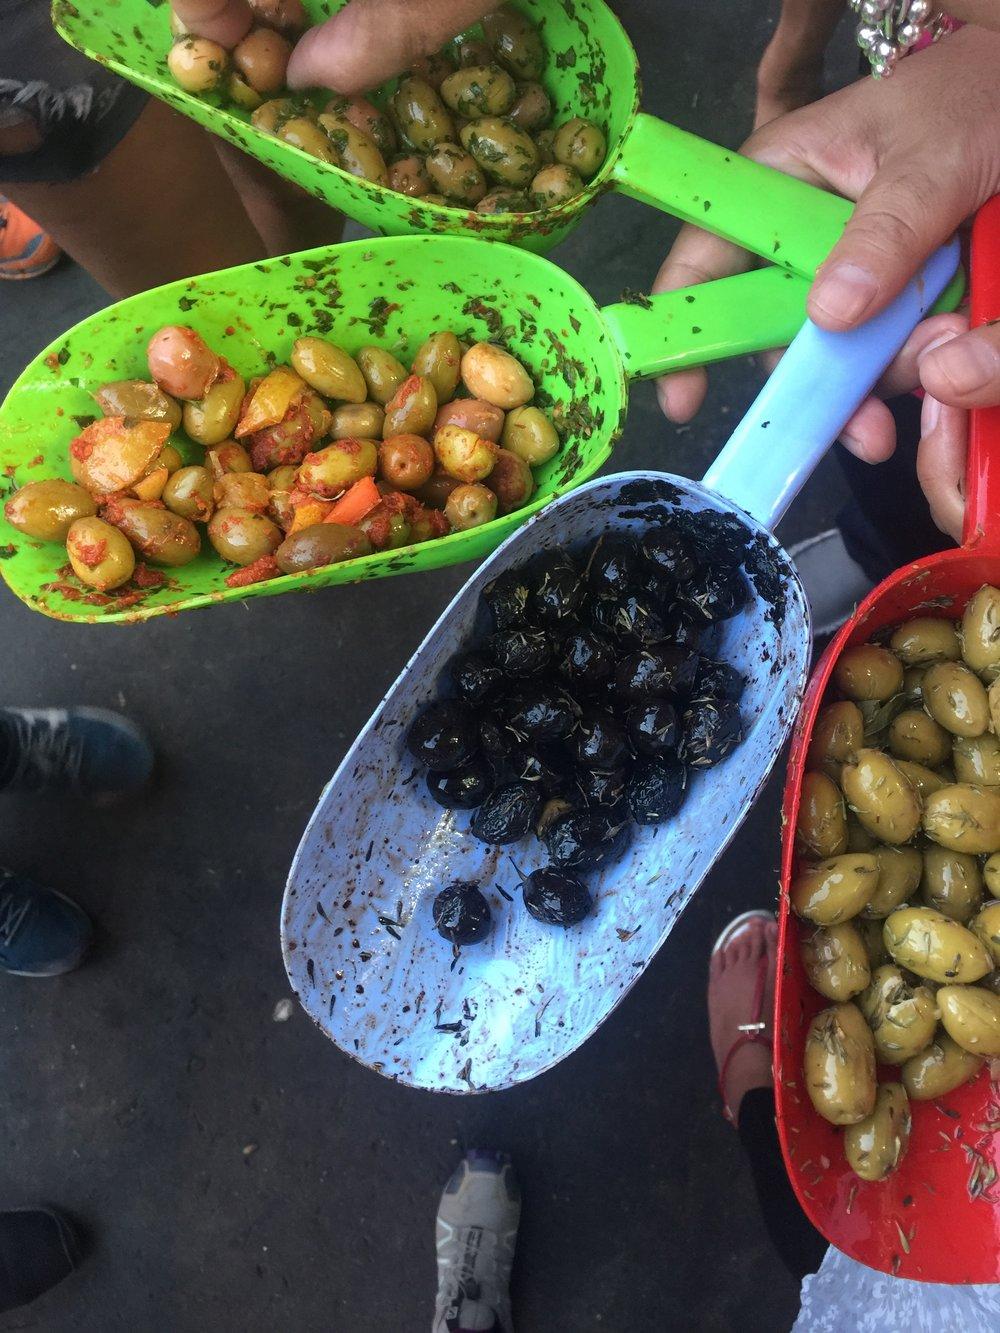 A sampling of olives at stop 2